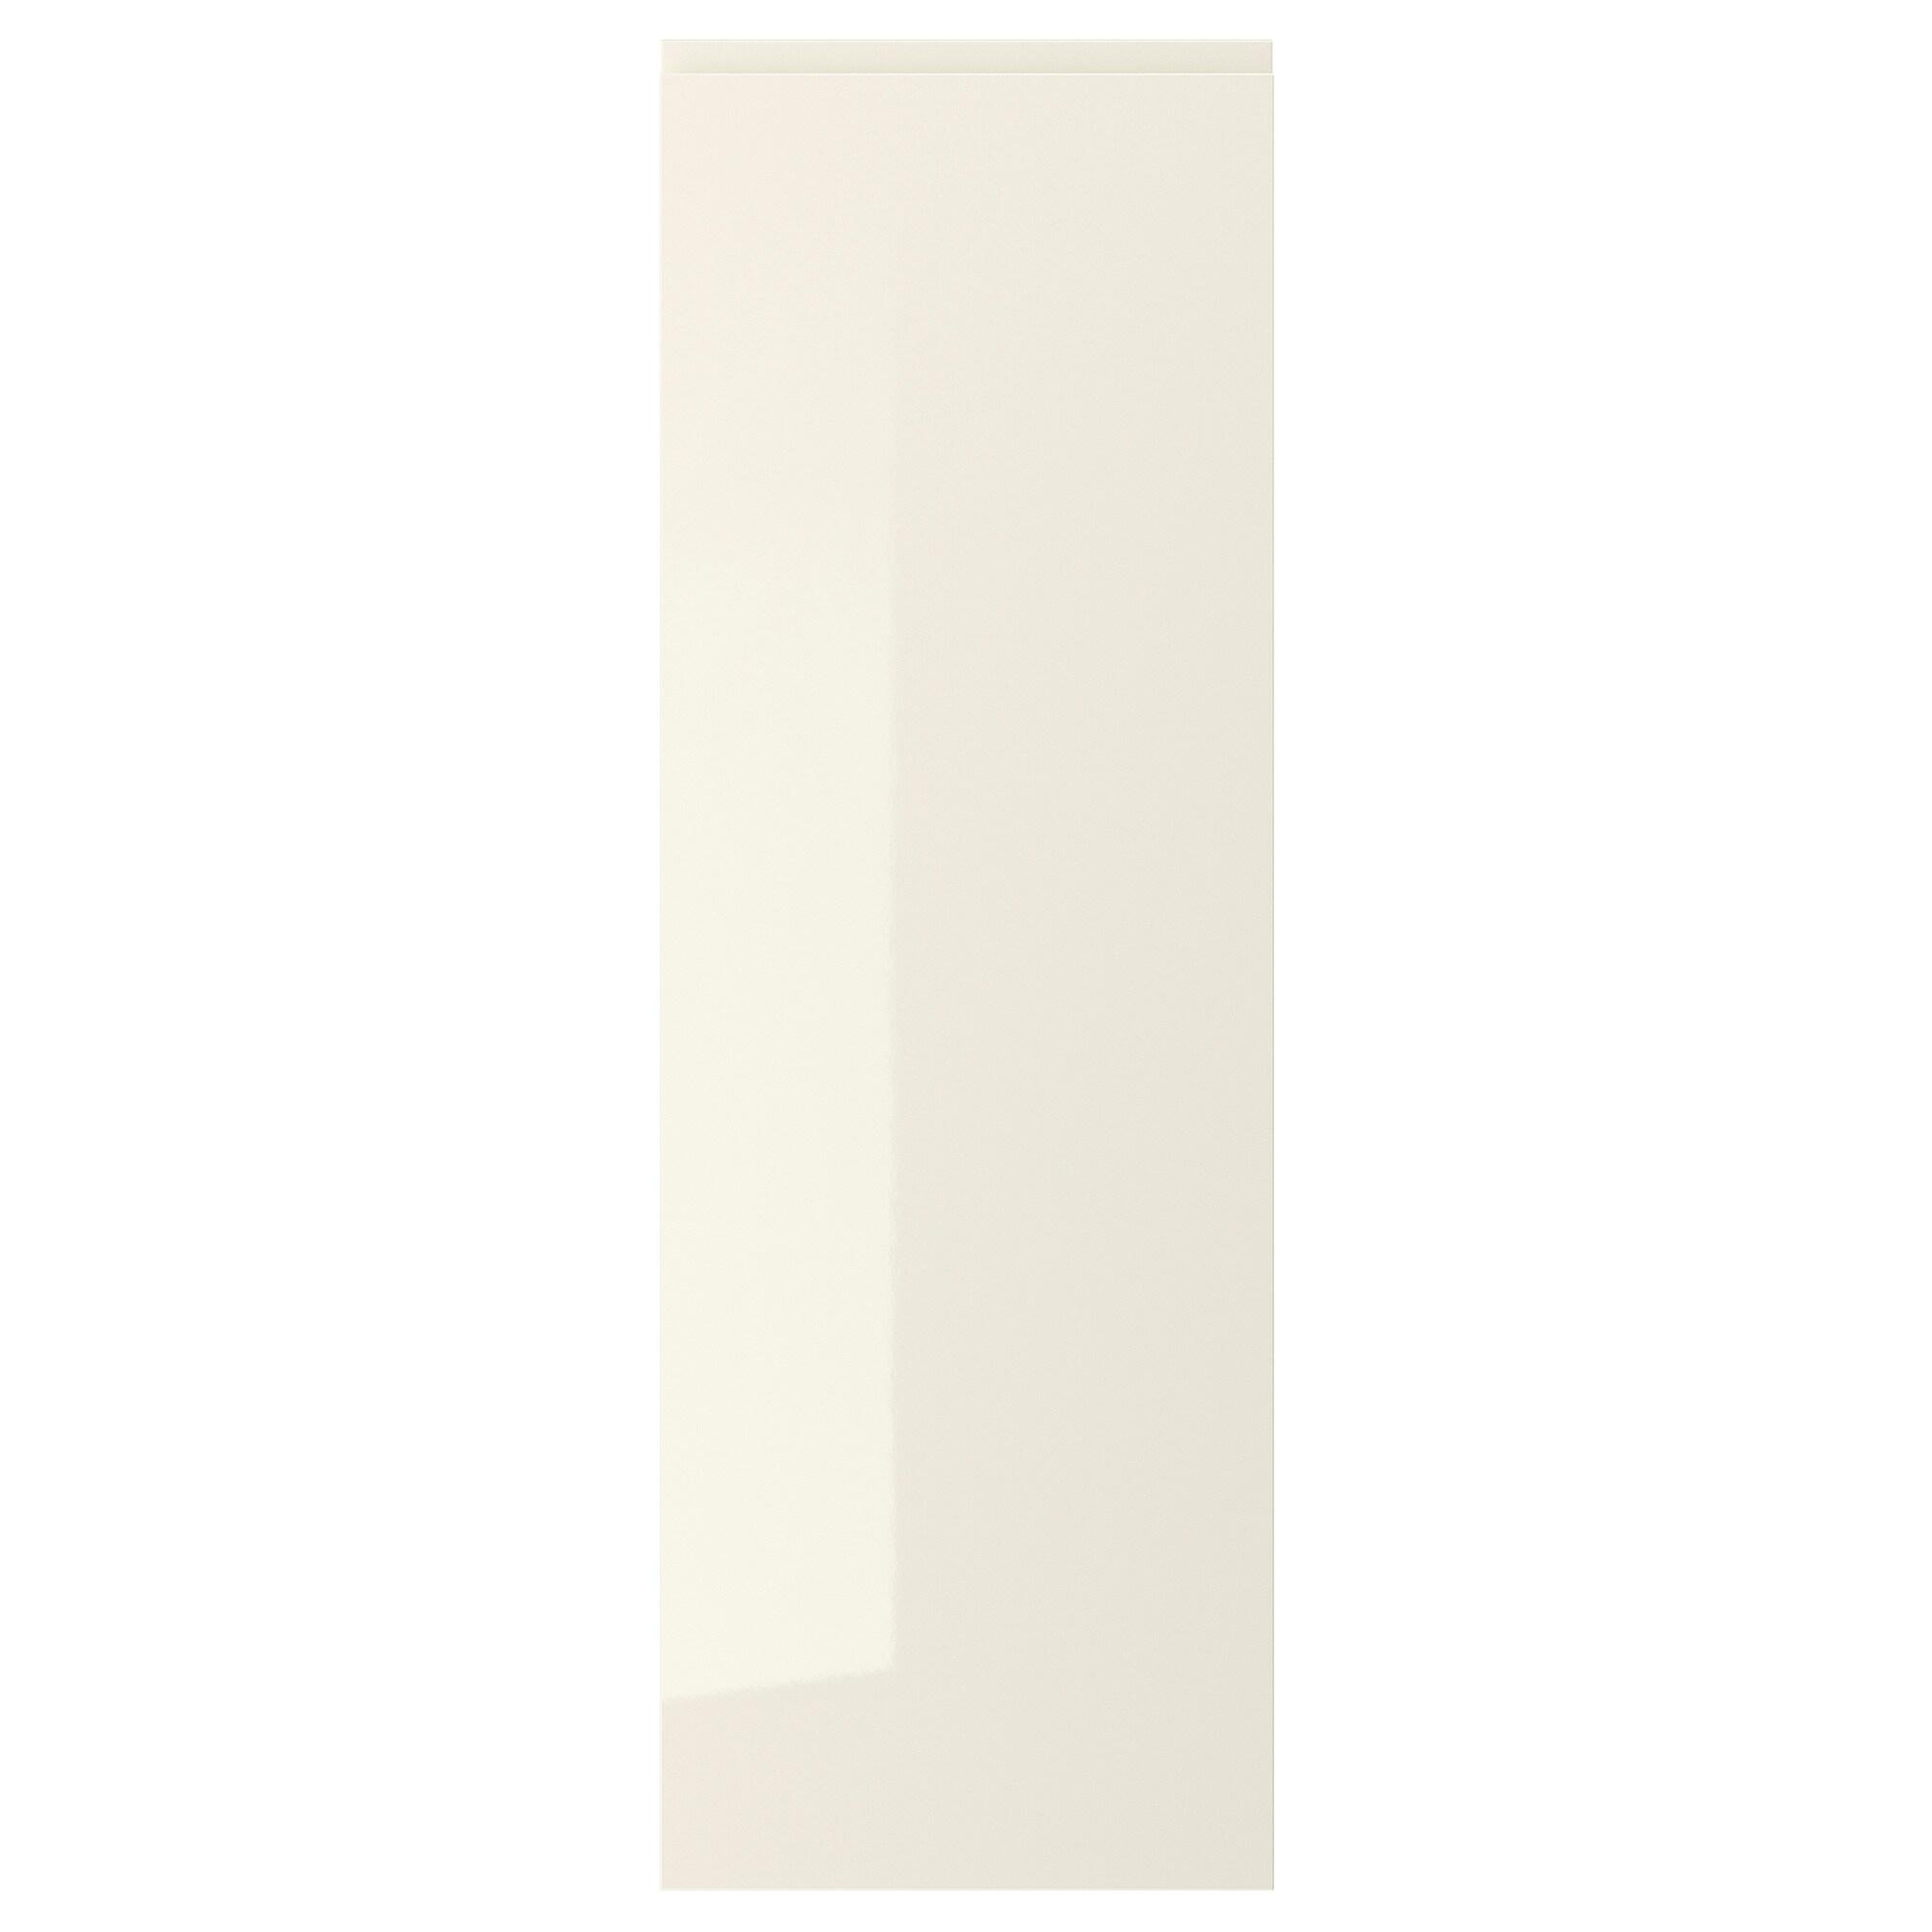 Full Size of Hochglanz Kchen Unterschrnke Online Kaufen Mbel Küche Industrielook Holz Weiß Zusammenstellen Kinder Spielküche Led Deckenleuchte Tipps Freistehende Wohnzimmer Voxtorp Küche Ikea